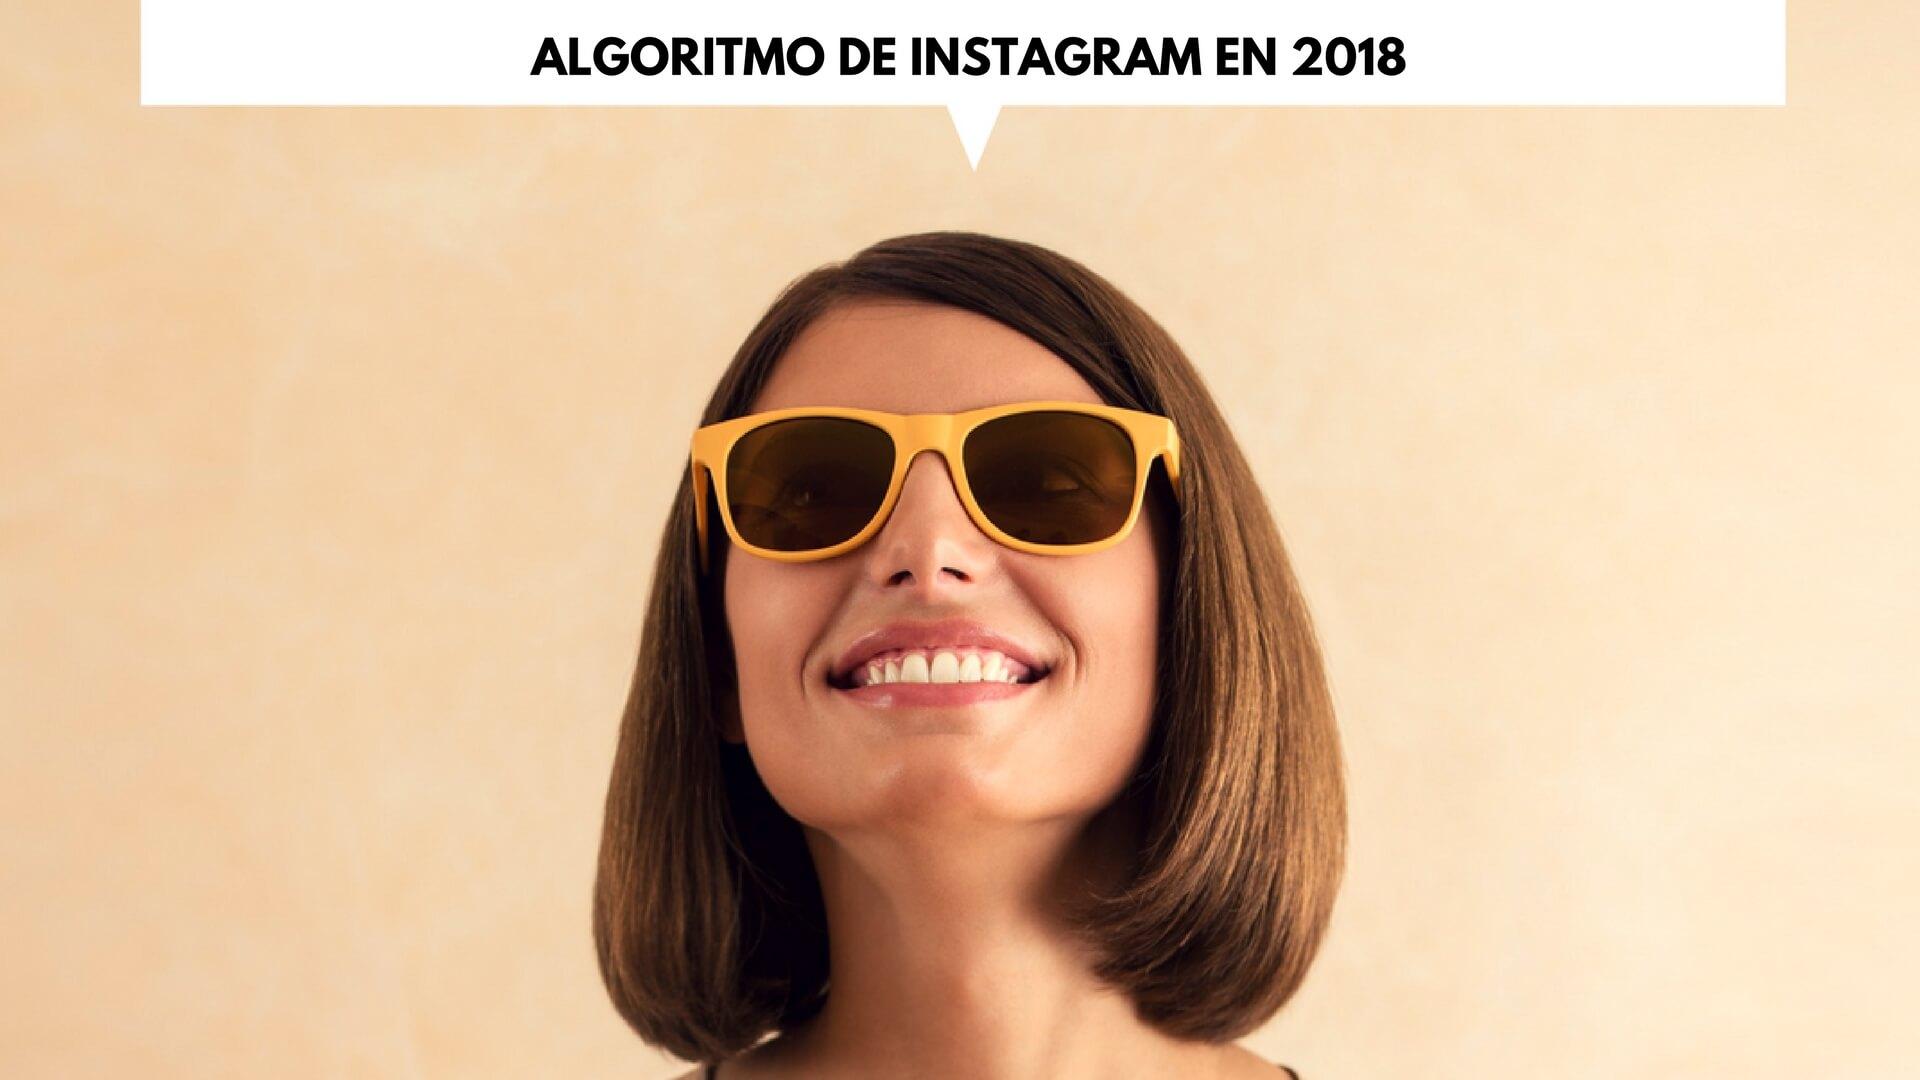 Algoritmo de Instagram en 2018: así funciona el algoritmo en Instagram